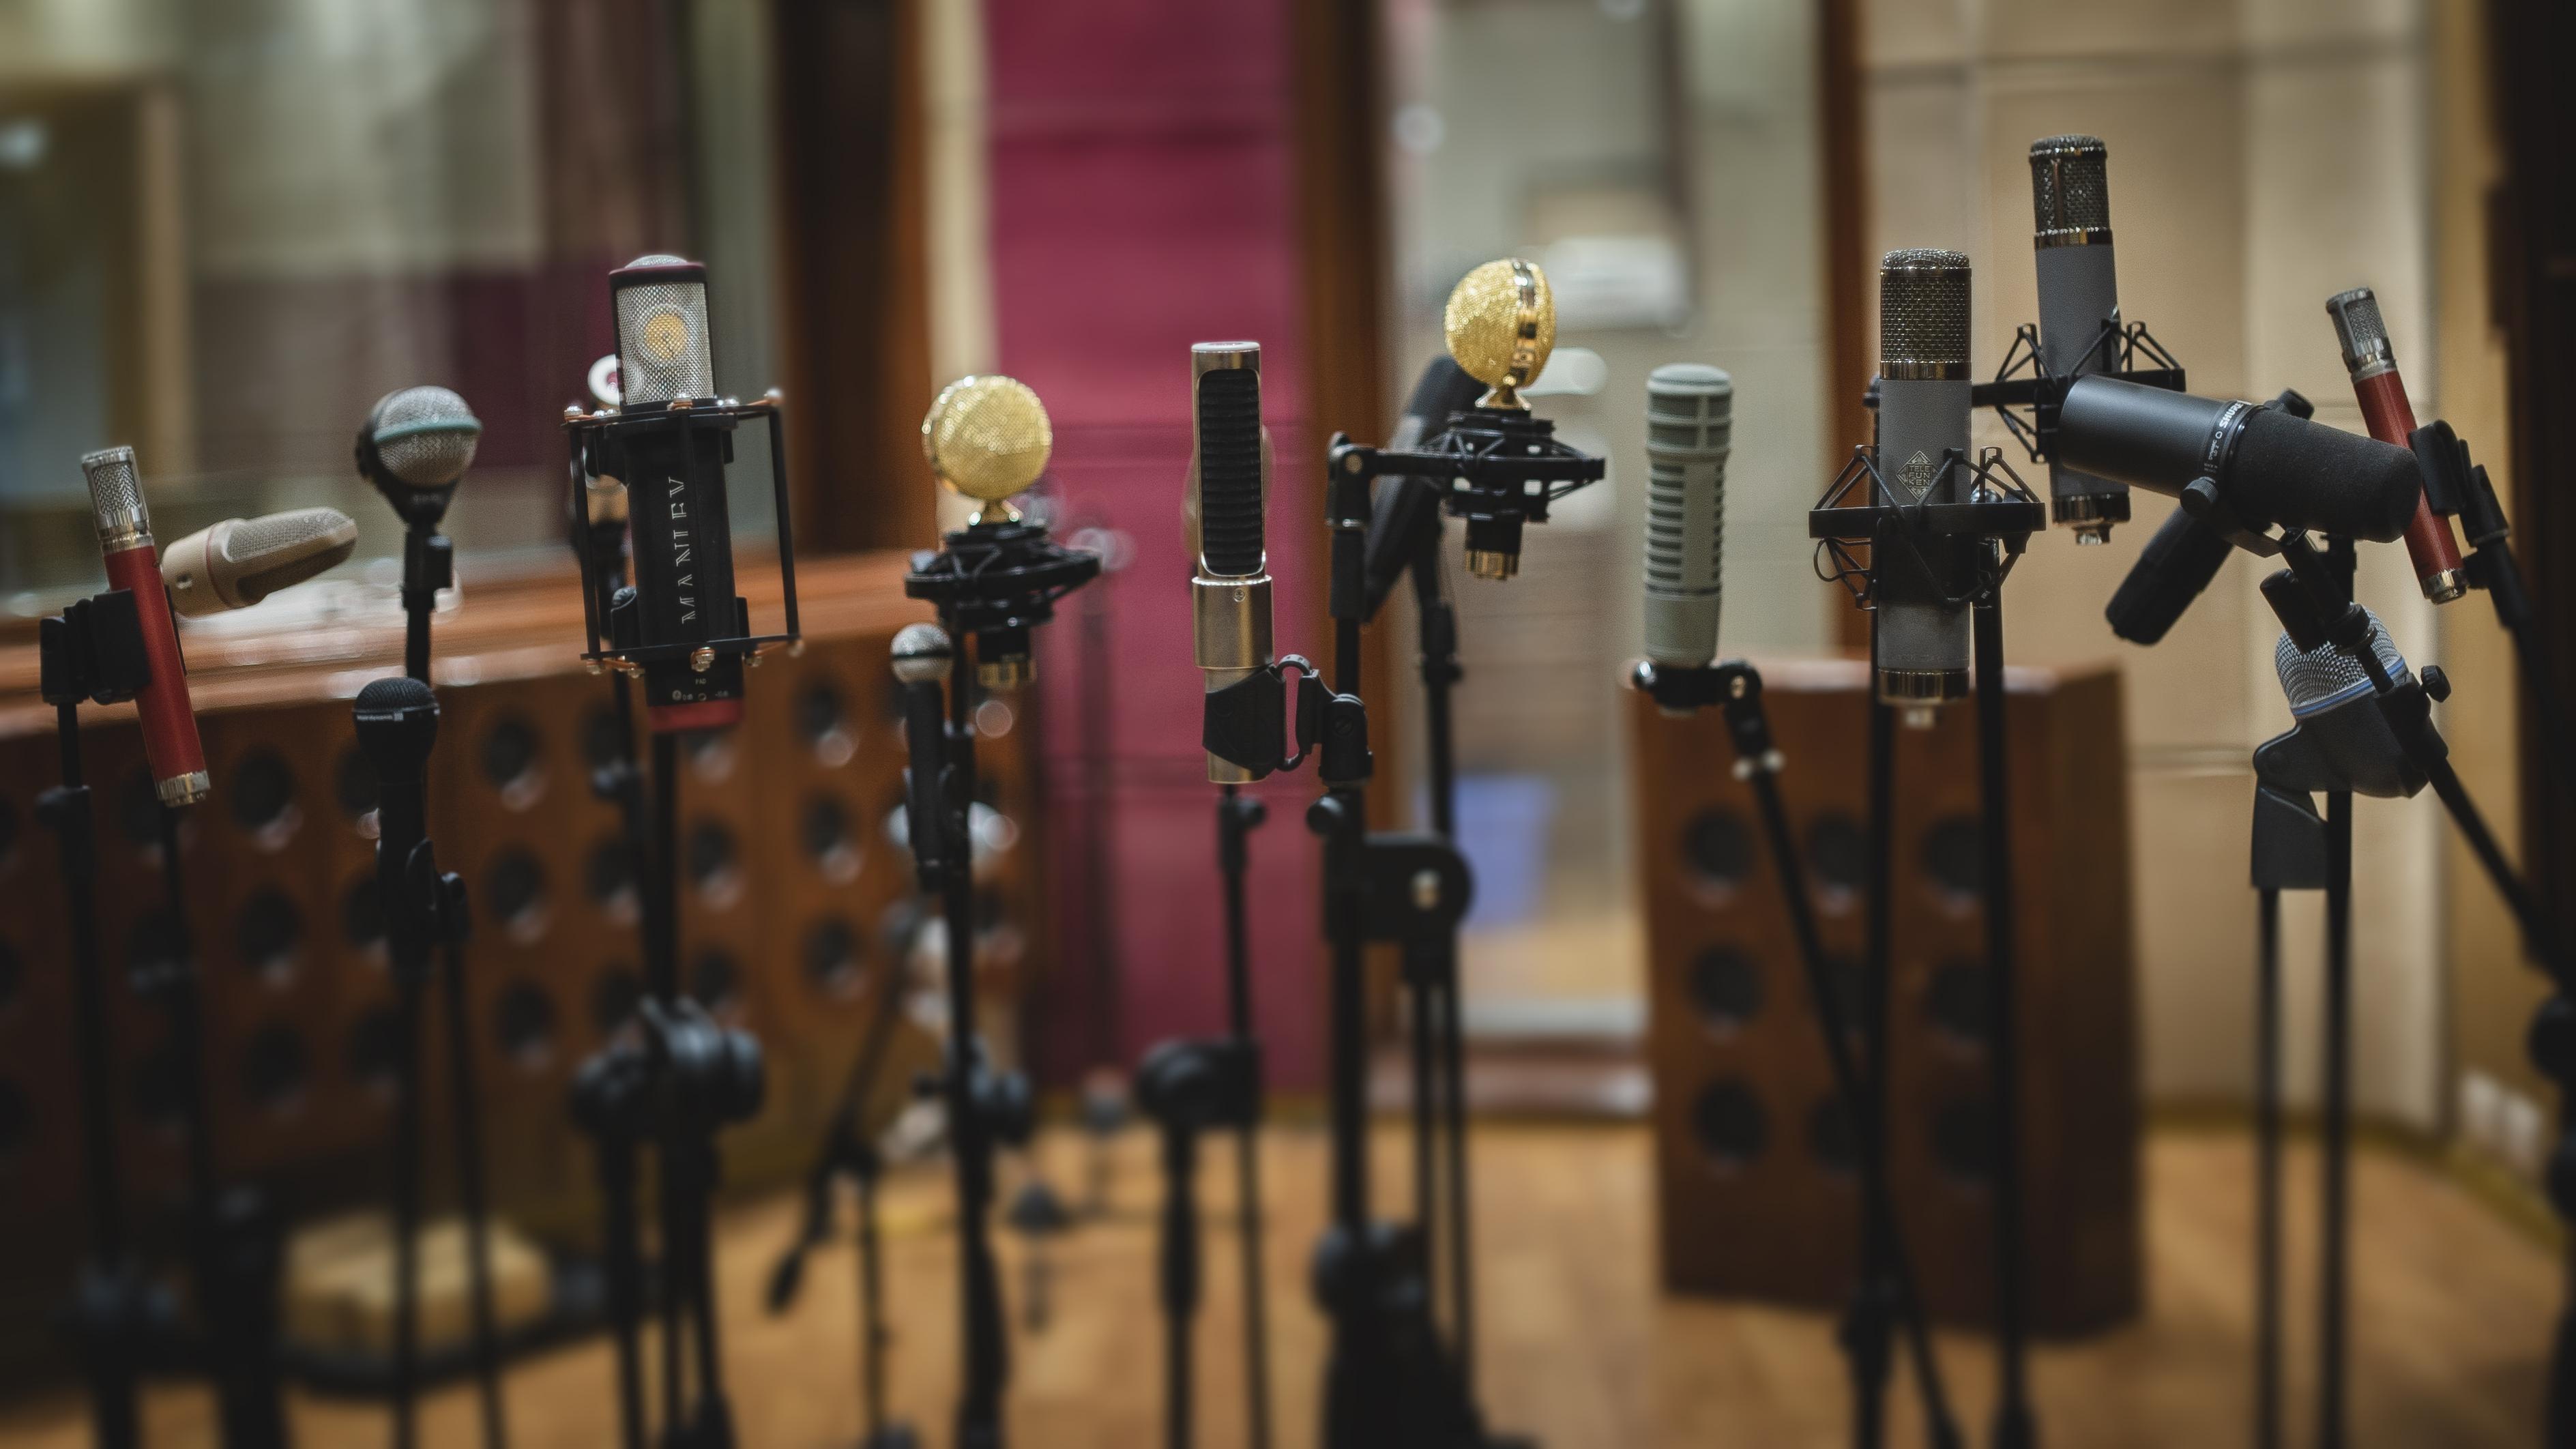 Microfonos Estudios Penny Lane